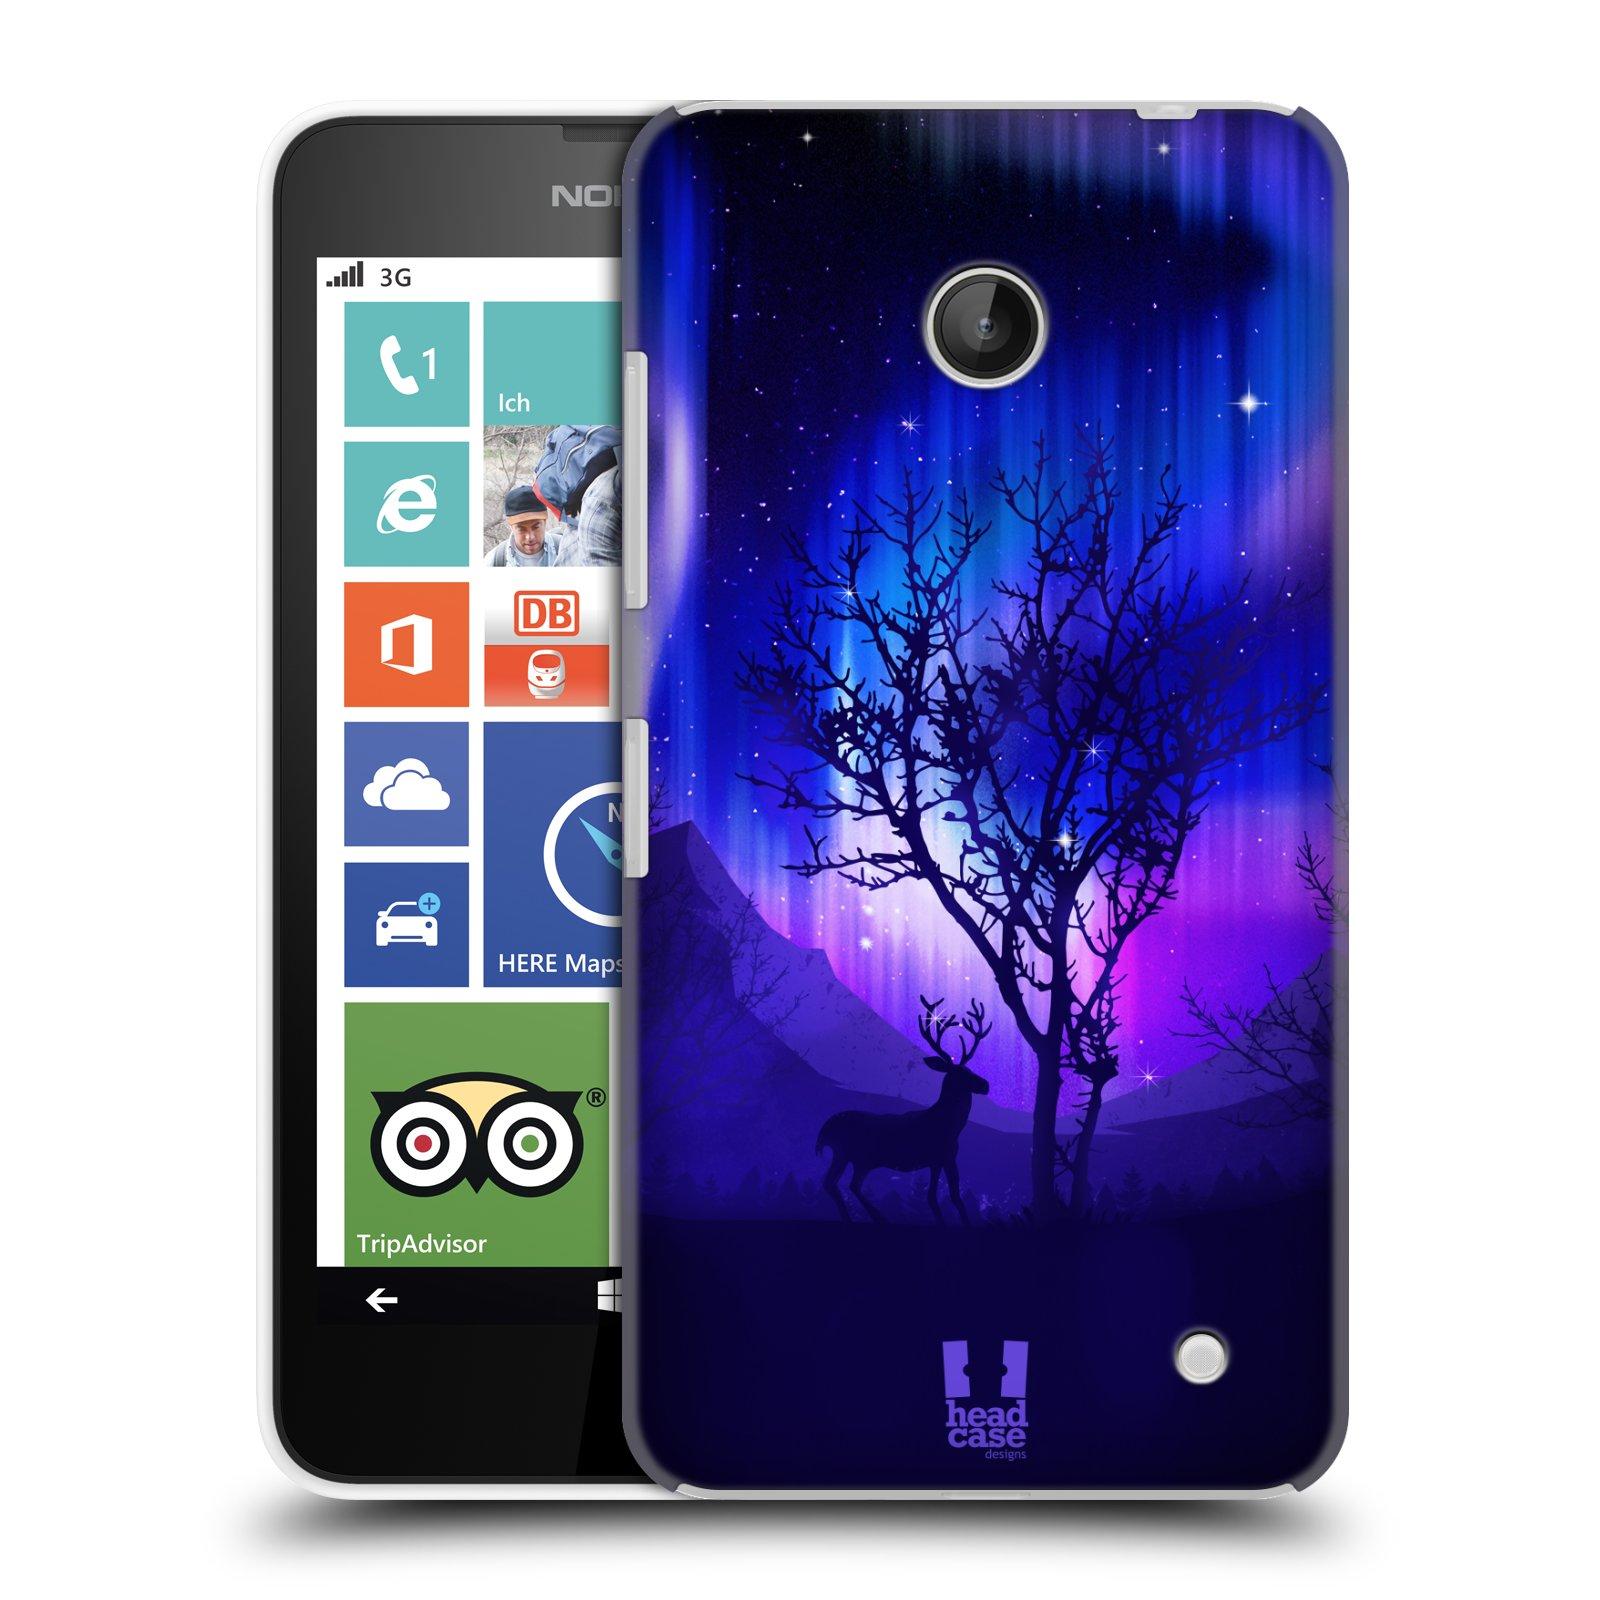 Plastové pouzdro na mobil Nokia Lumia 630 HEAD CASE Polární Záře Strom (Kryt či obal na mobilní telefon Nokia Lumia 630 a Nokia Lumia 630 Dual SIM)